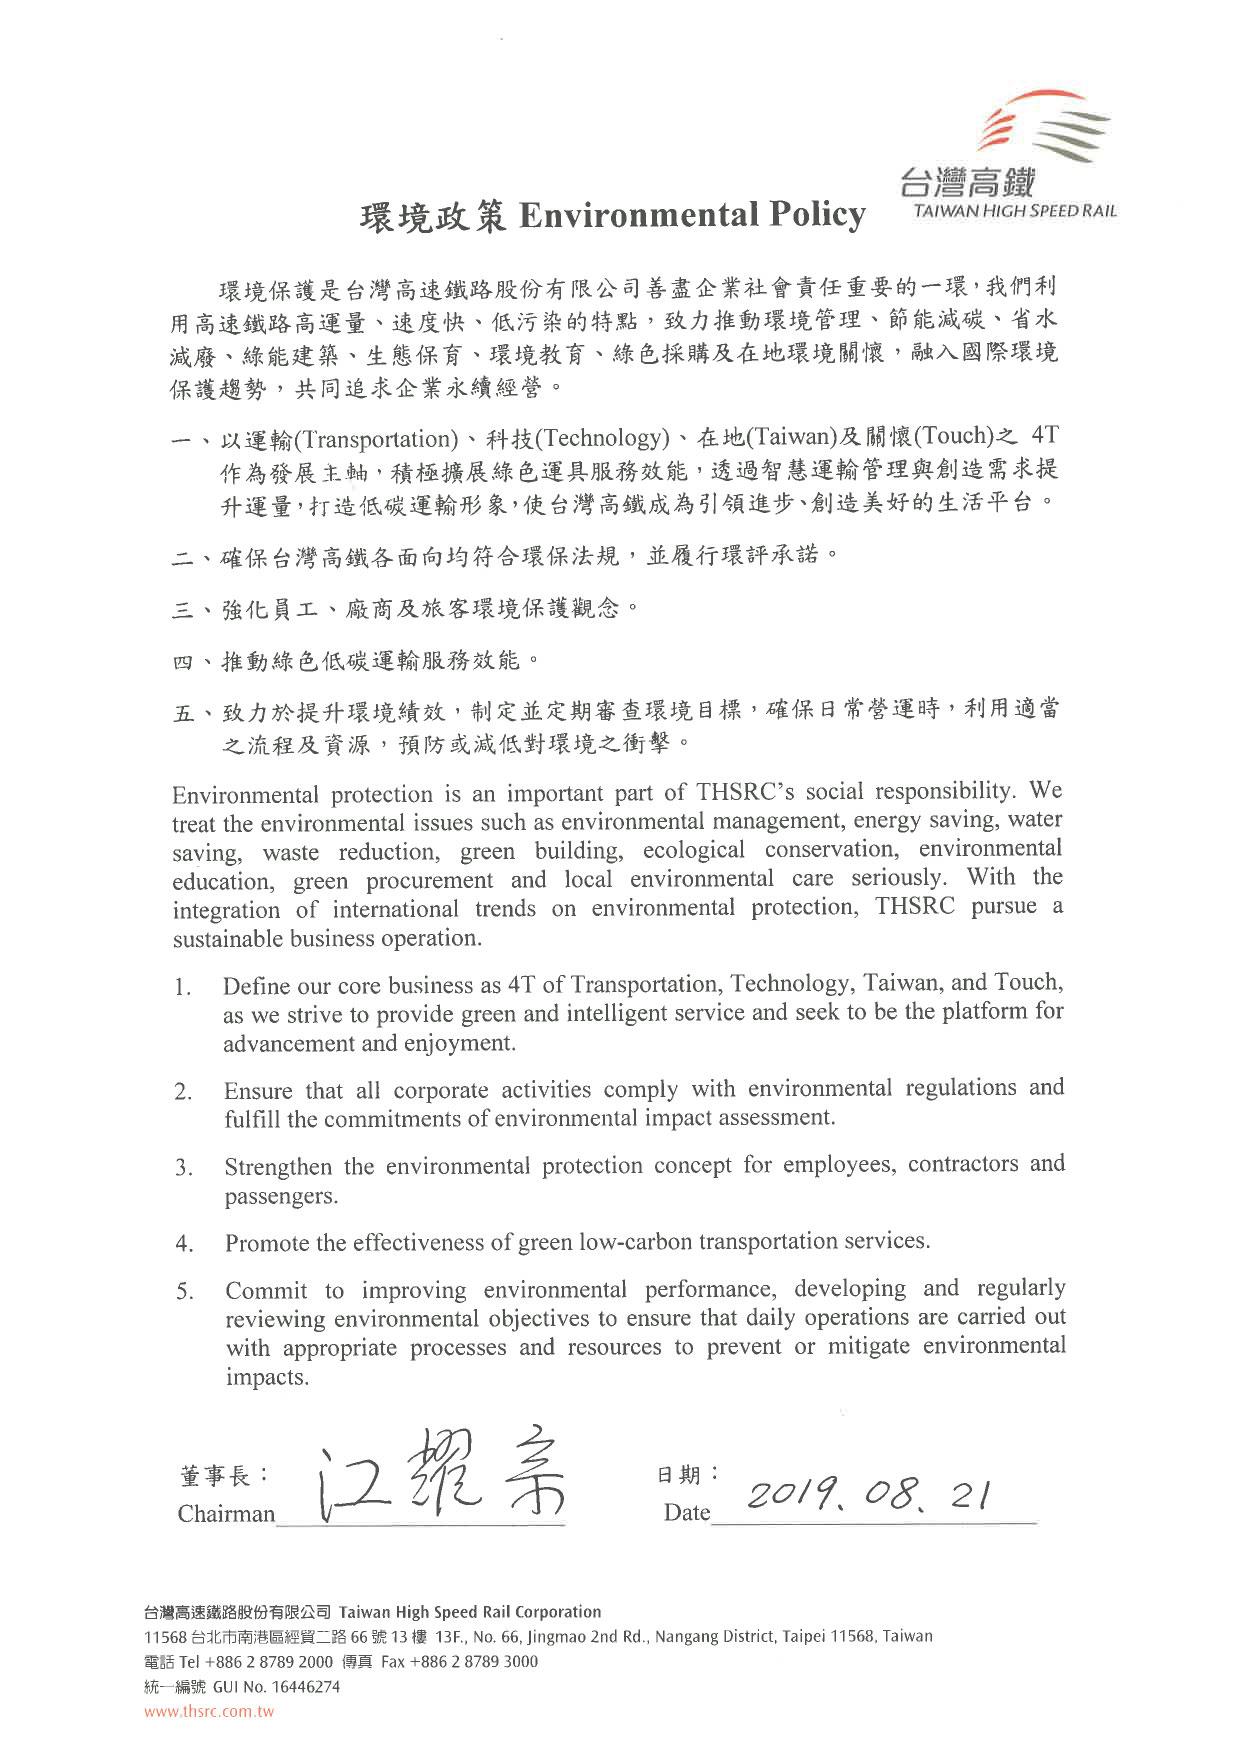 環境政策PDF